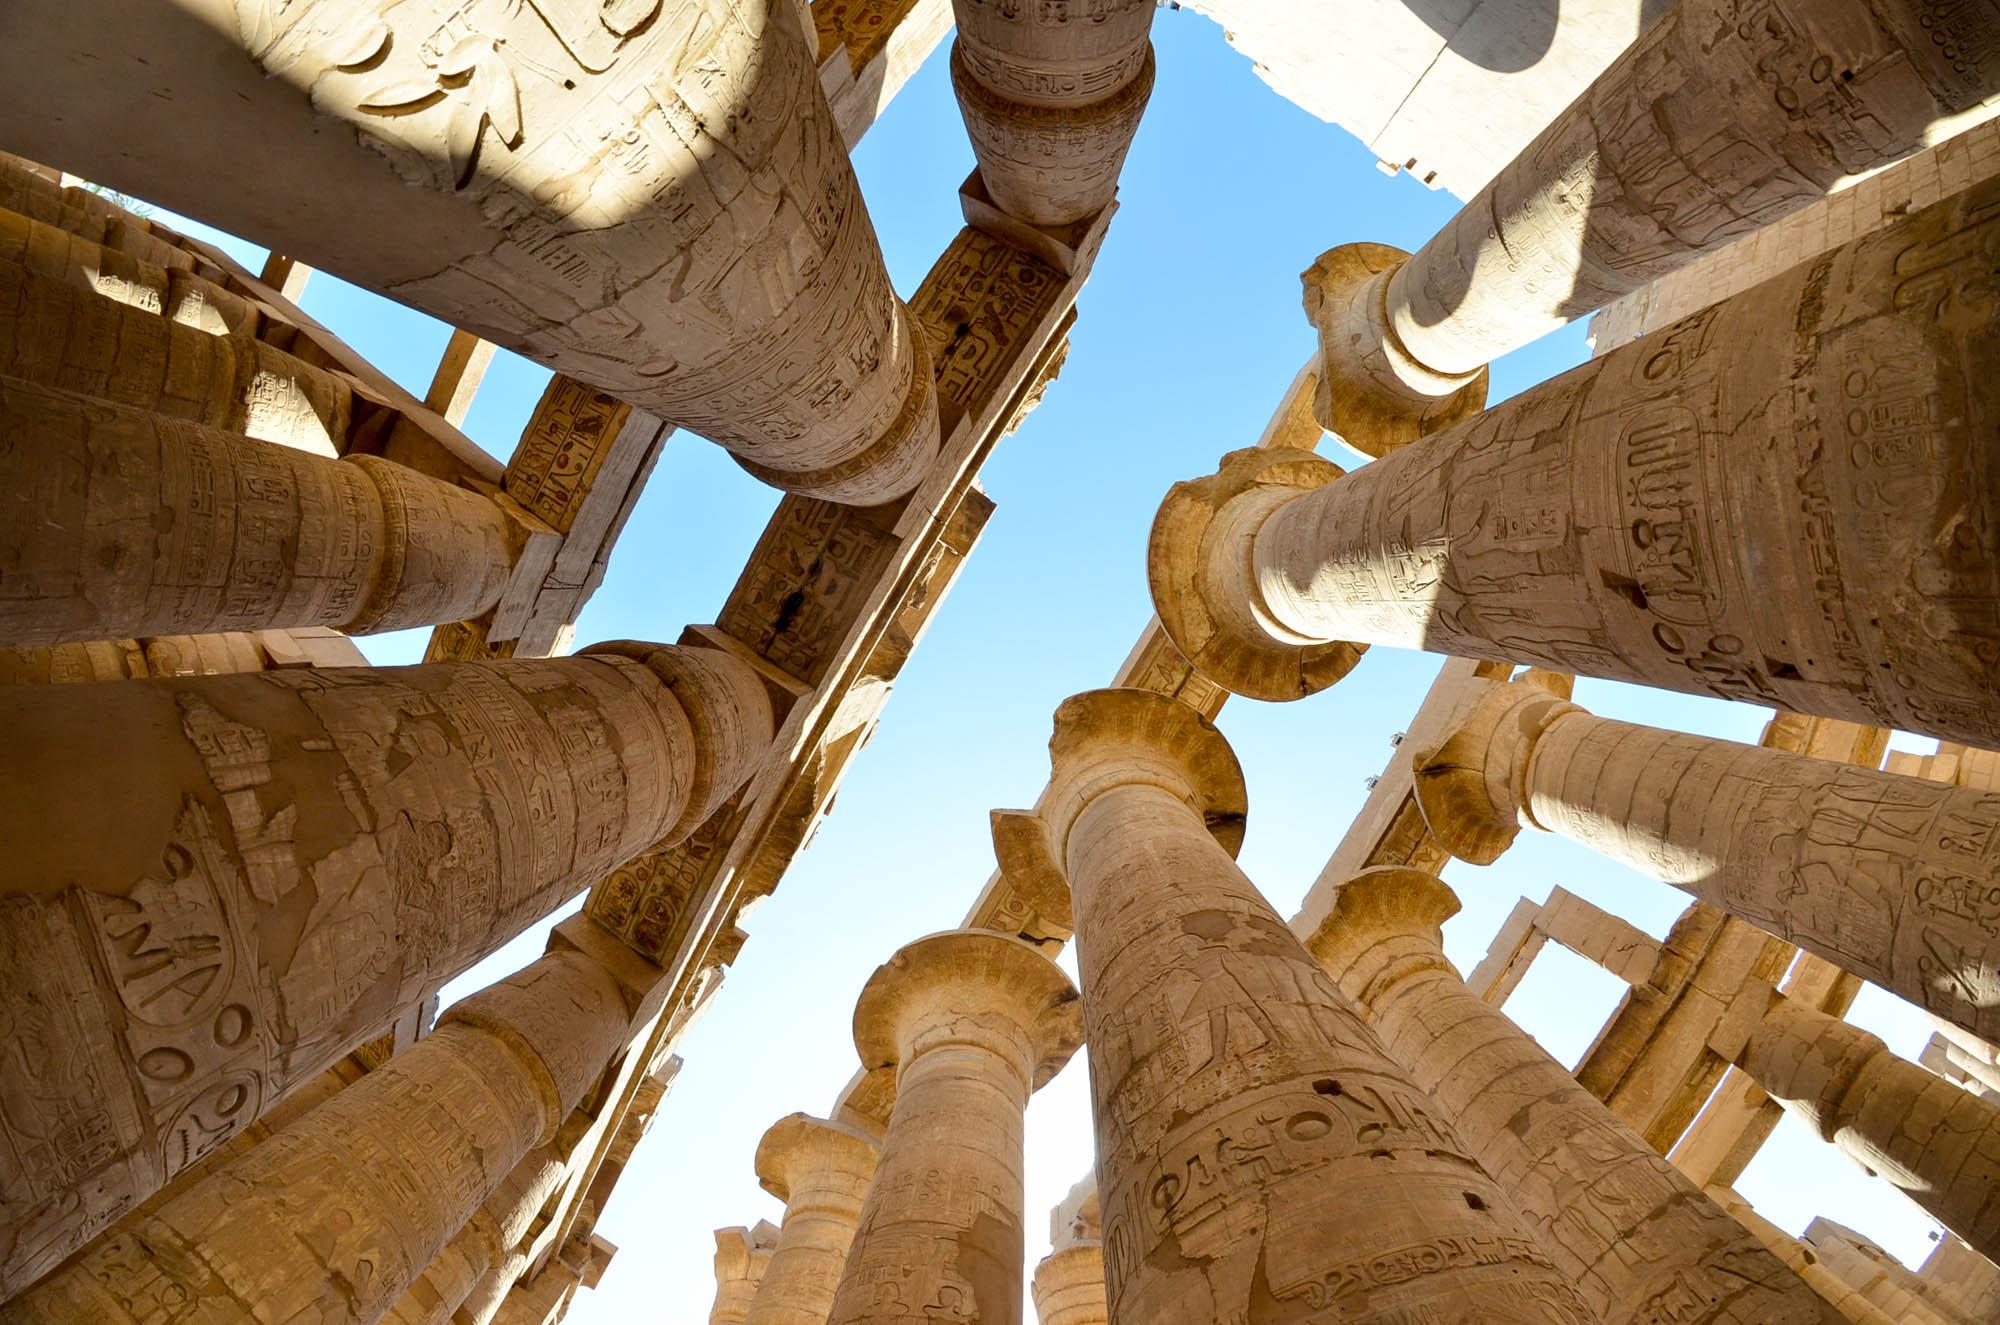 Die gewaltigen Säulen der Hypostylhalle im Tempel des Amun-Re in Karnak wurden in der 19. Dynastie unter Sethos I. und Ramses II. fertig gestellt. Auf einer Fläche von 6.000 qm stehen hier 130 Säulen, von denen die größten 23 Meter hoch sind und einen Umfang von 15 Metern besitzen. Foto: Matthieu Götz